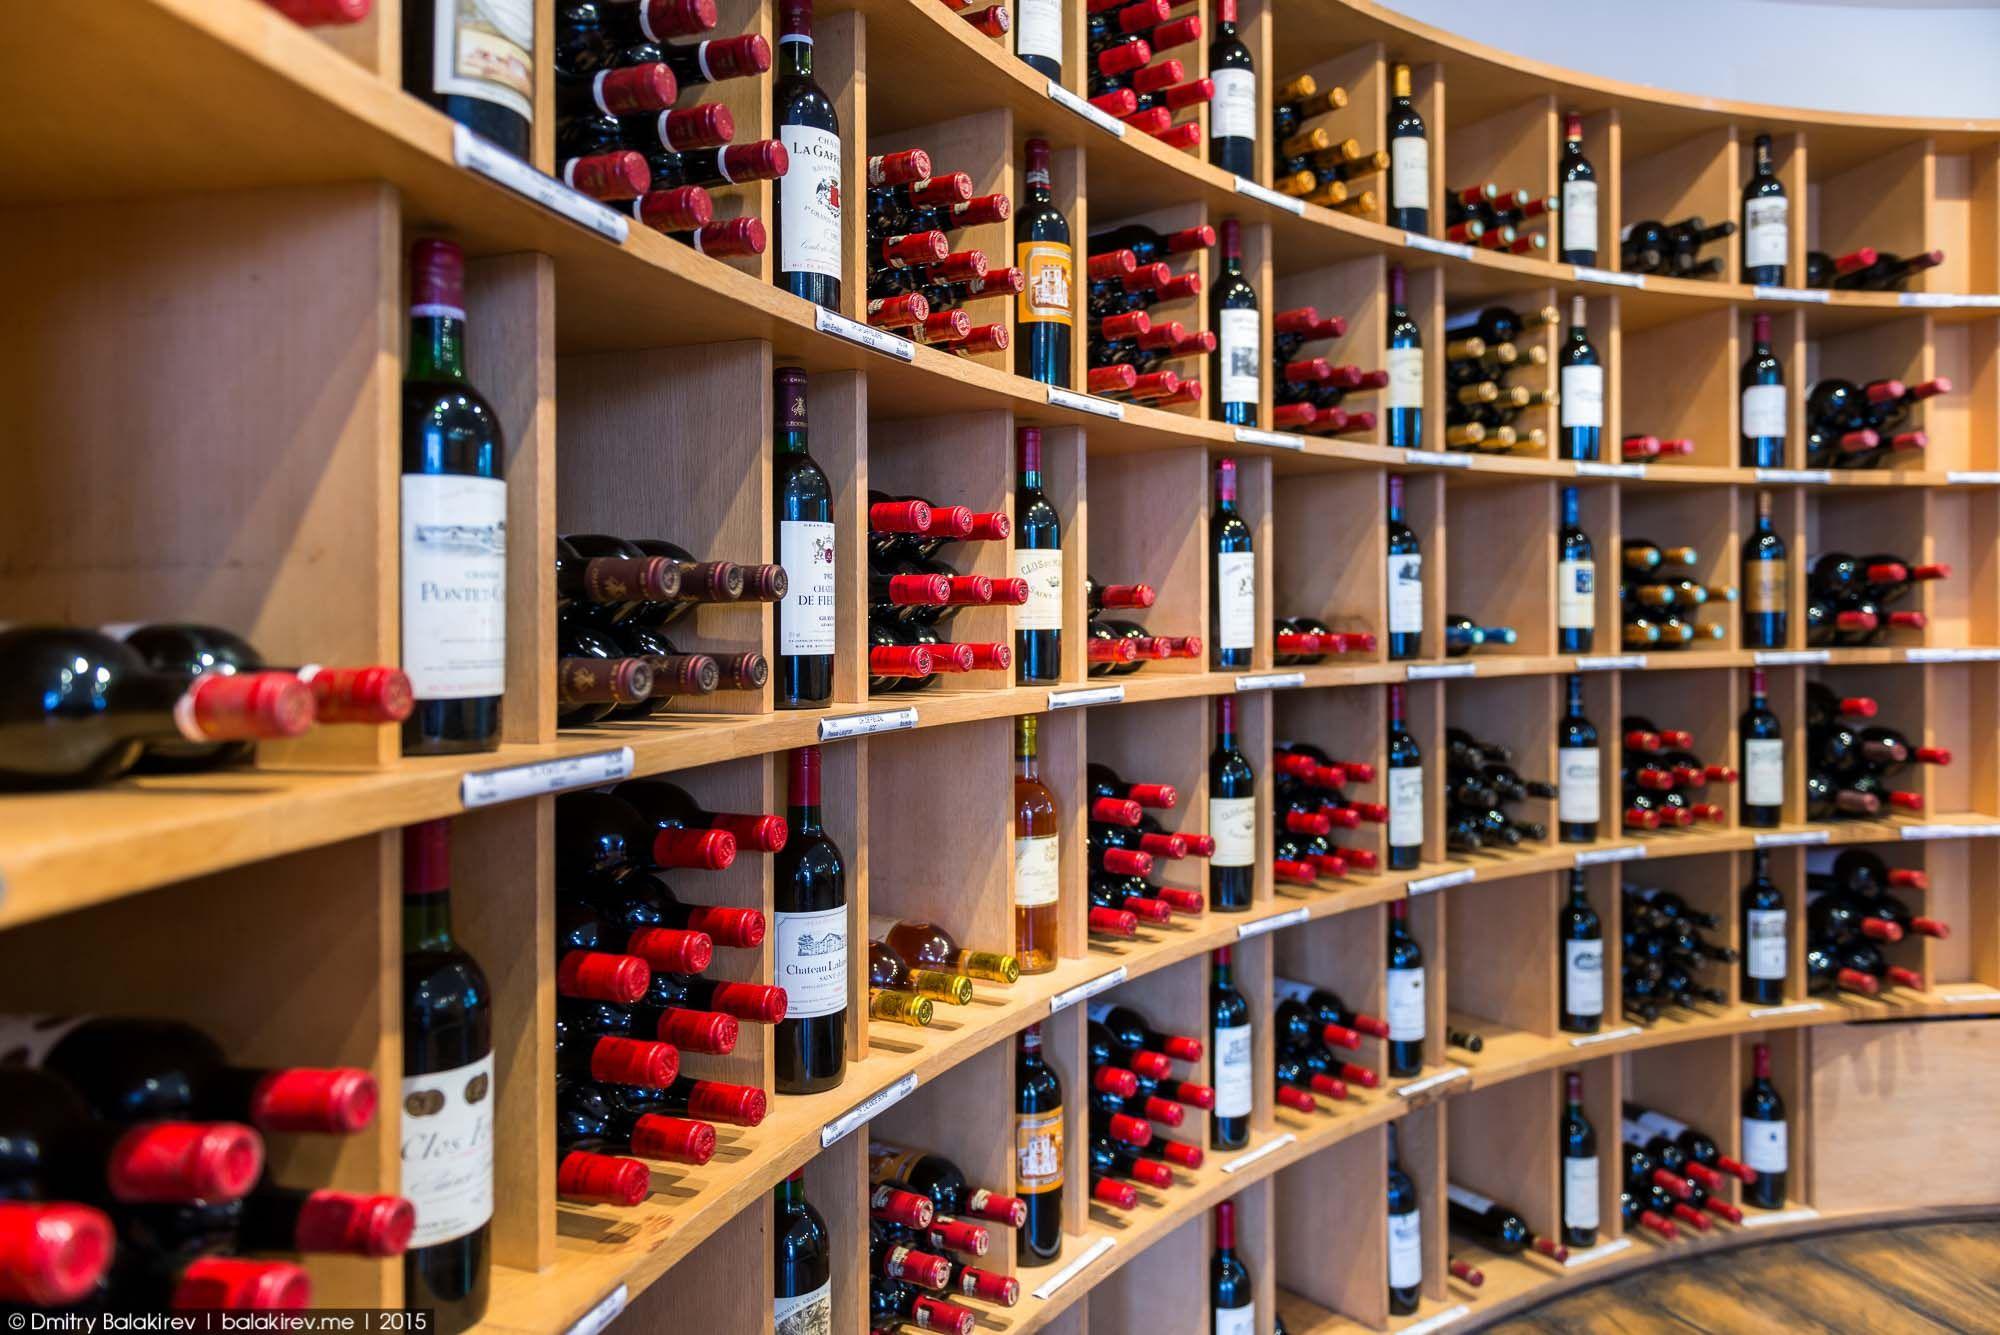 Intendant занимает вершину в иерархии розничной винной торговле. С него берут пример многие аналогич